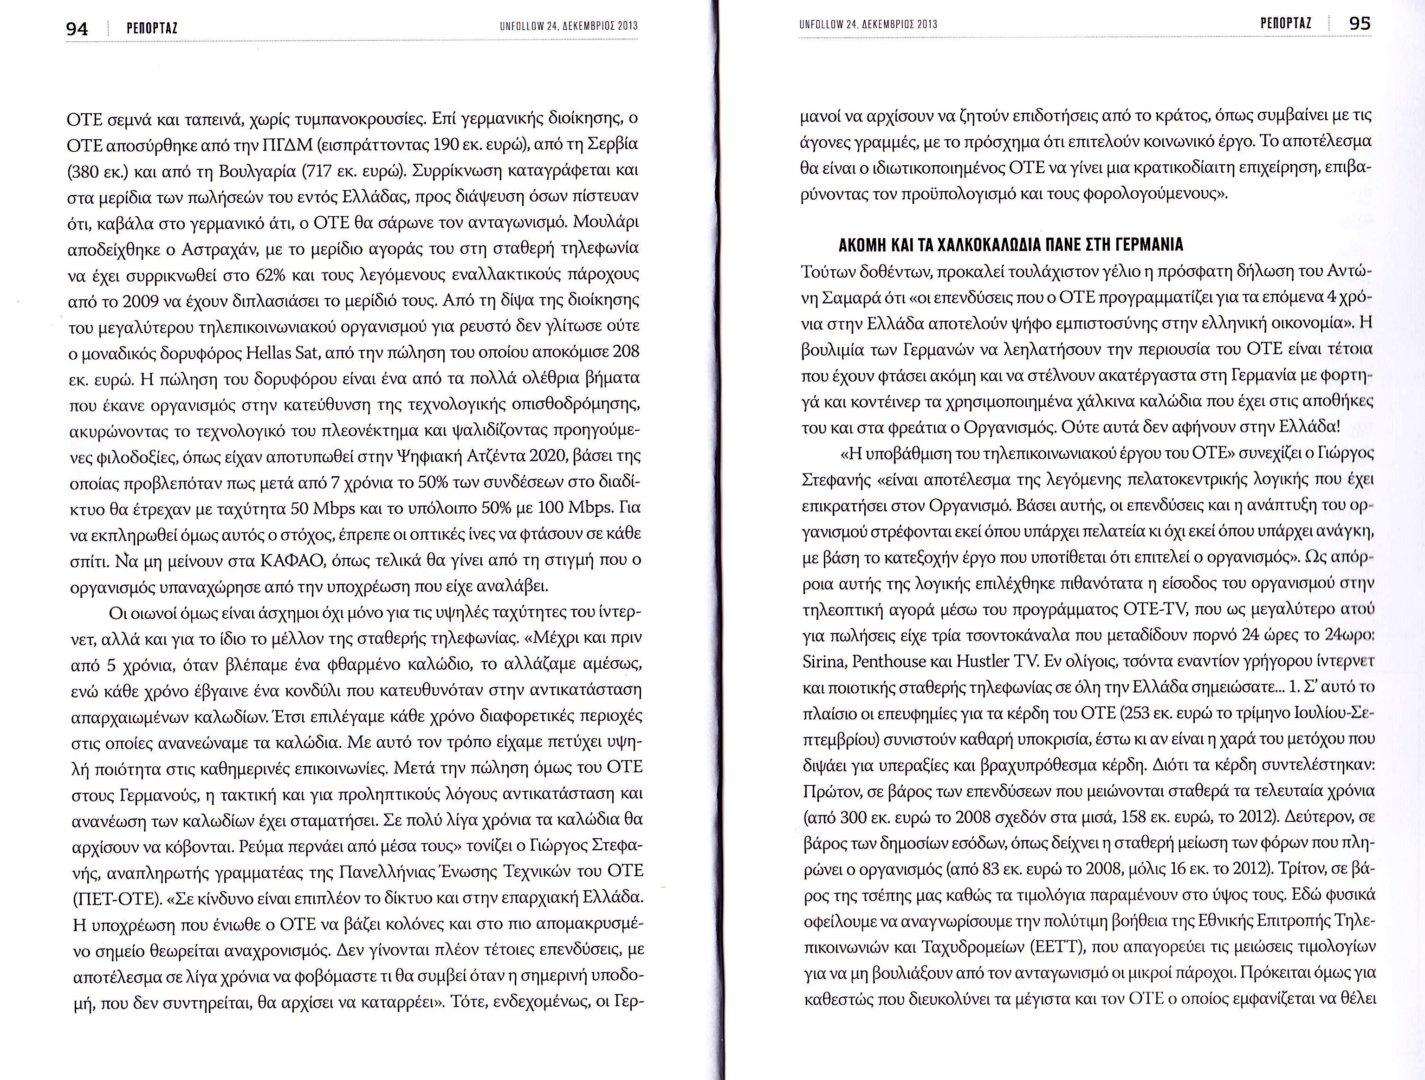 2013-12 Δημοσίευση ΑΣΕ Unfollow 24 ΟΤΕ, συρρίκνωση και αποεπένδυση αντι για επιτυχημένη ιδιωτικοποίηση 2